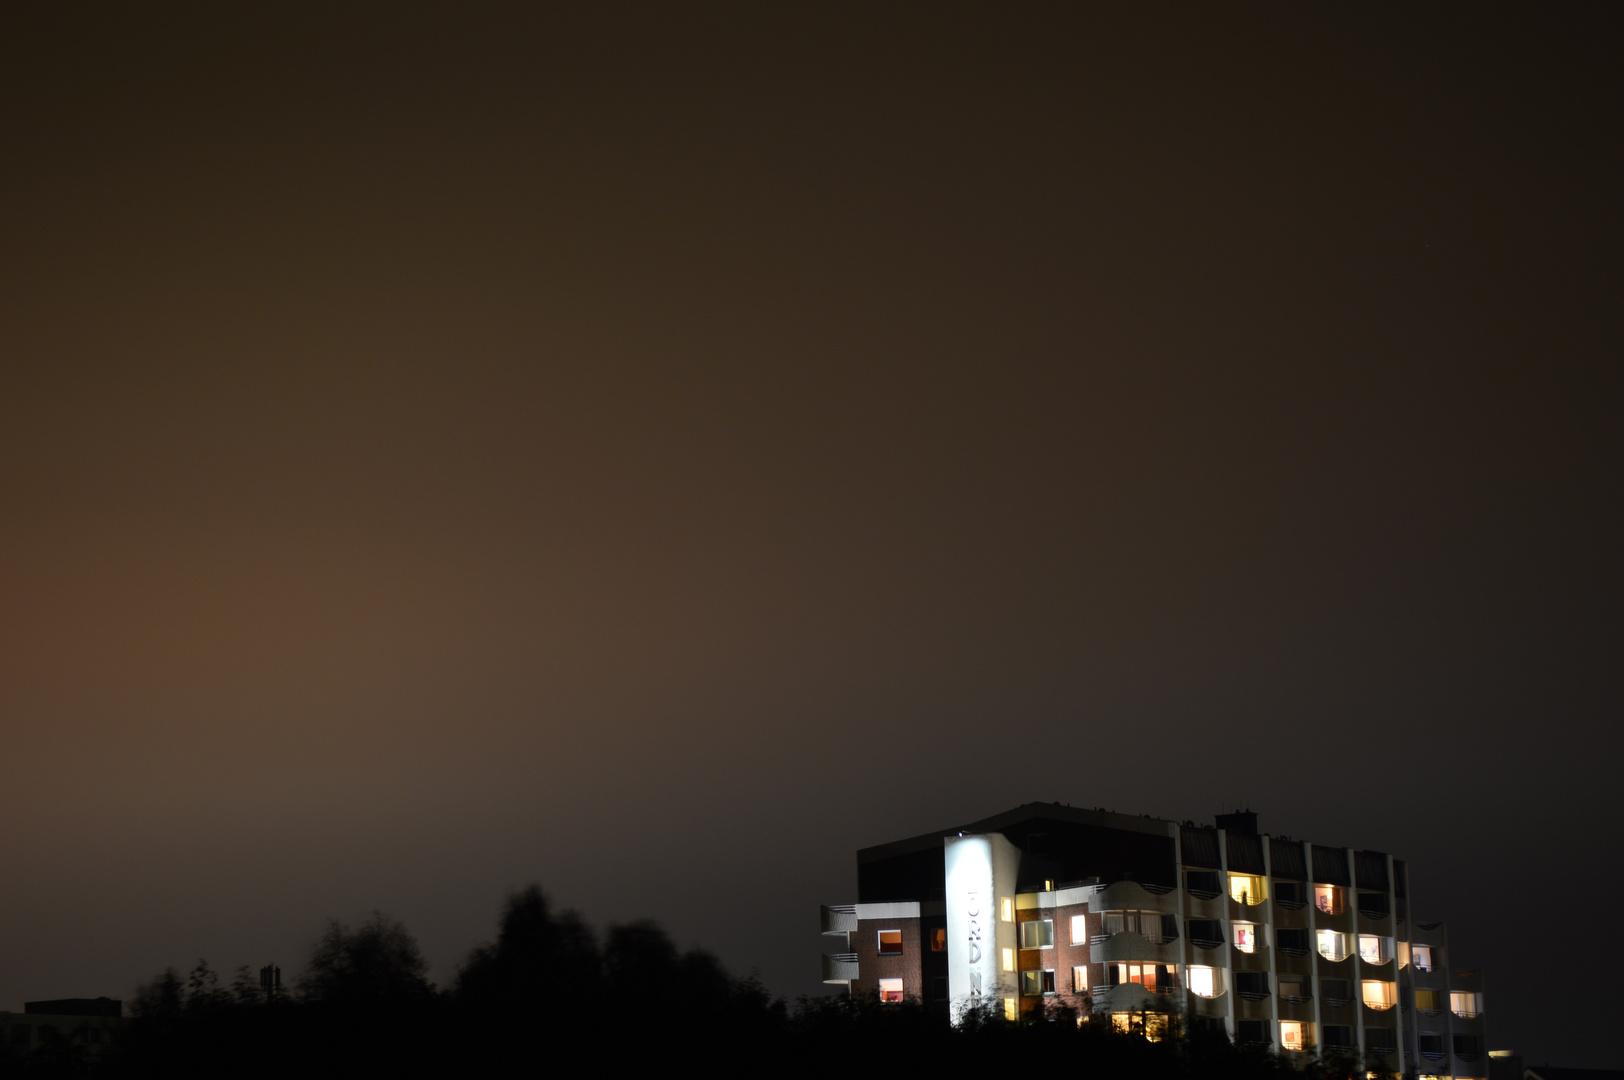 Das Hotel bei Nacht...